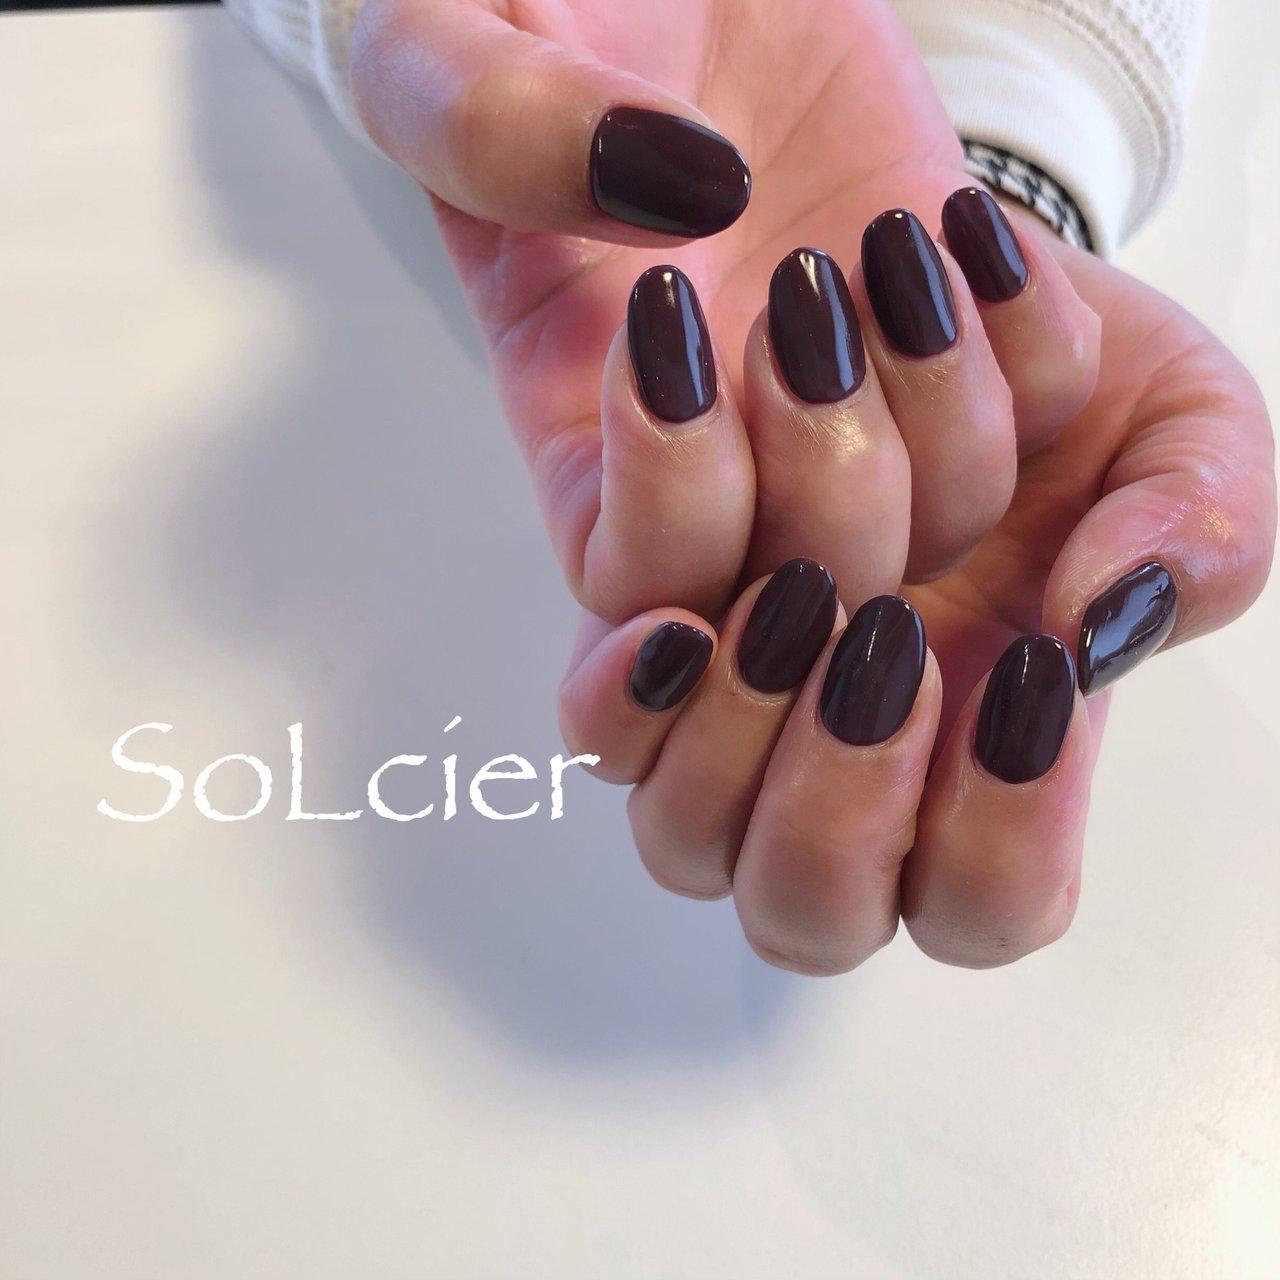 #ハンド #シンプル #ワンカラー #【SoLcier】ソルシエ #ネイルブック